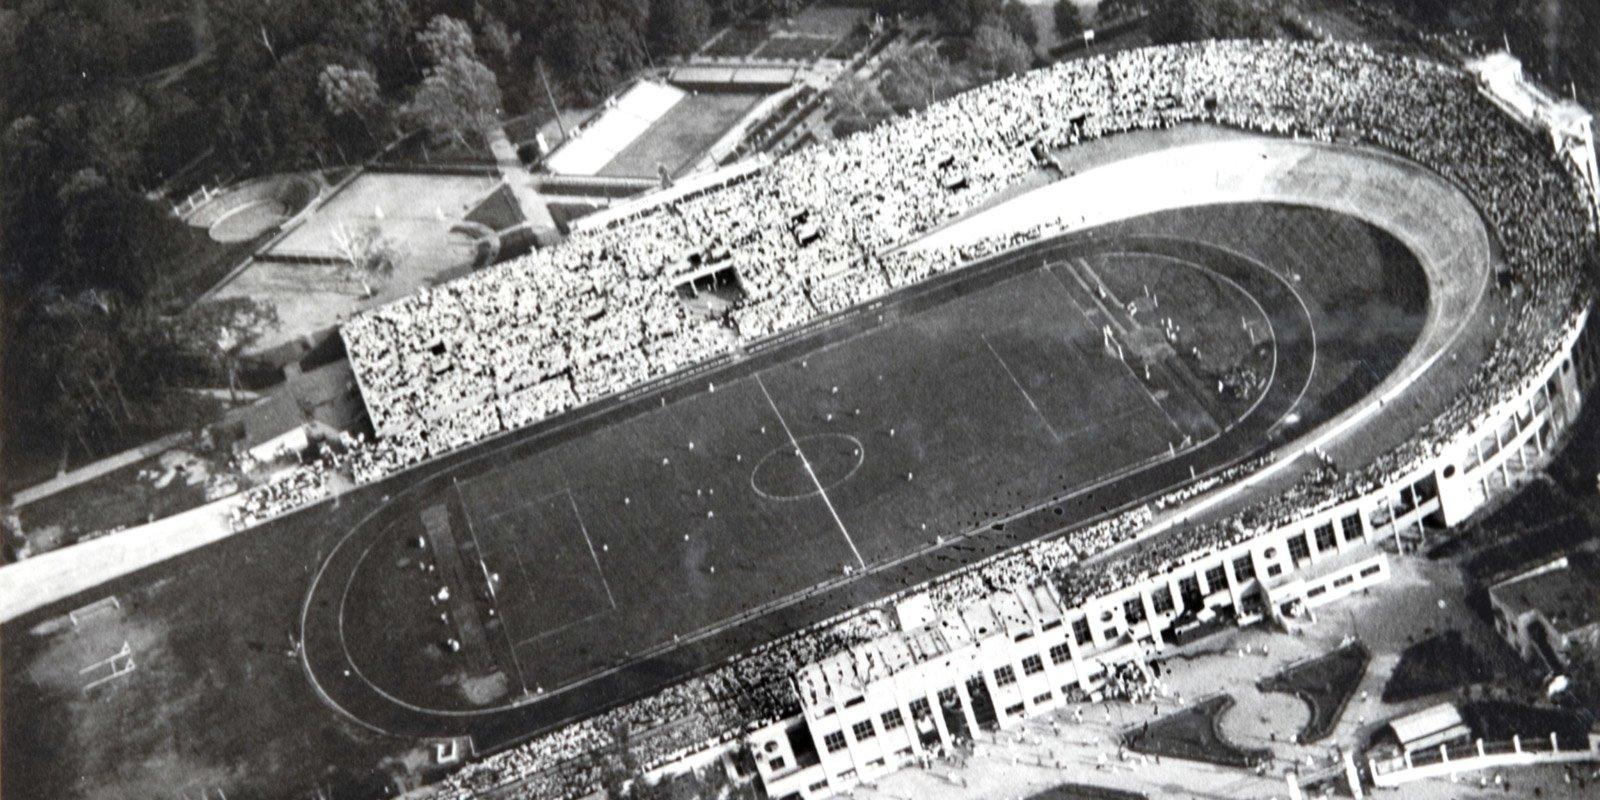 Стадион «Динамо» на Ленинградском шоссе. 1930-е годы. Главархив Москвы